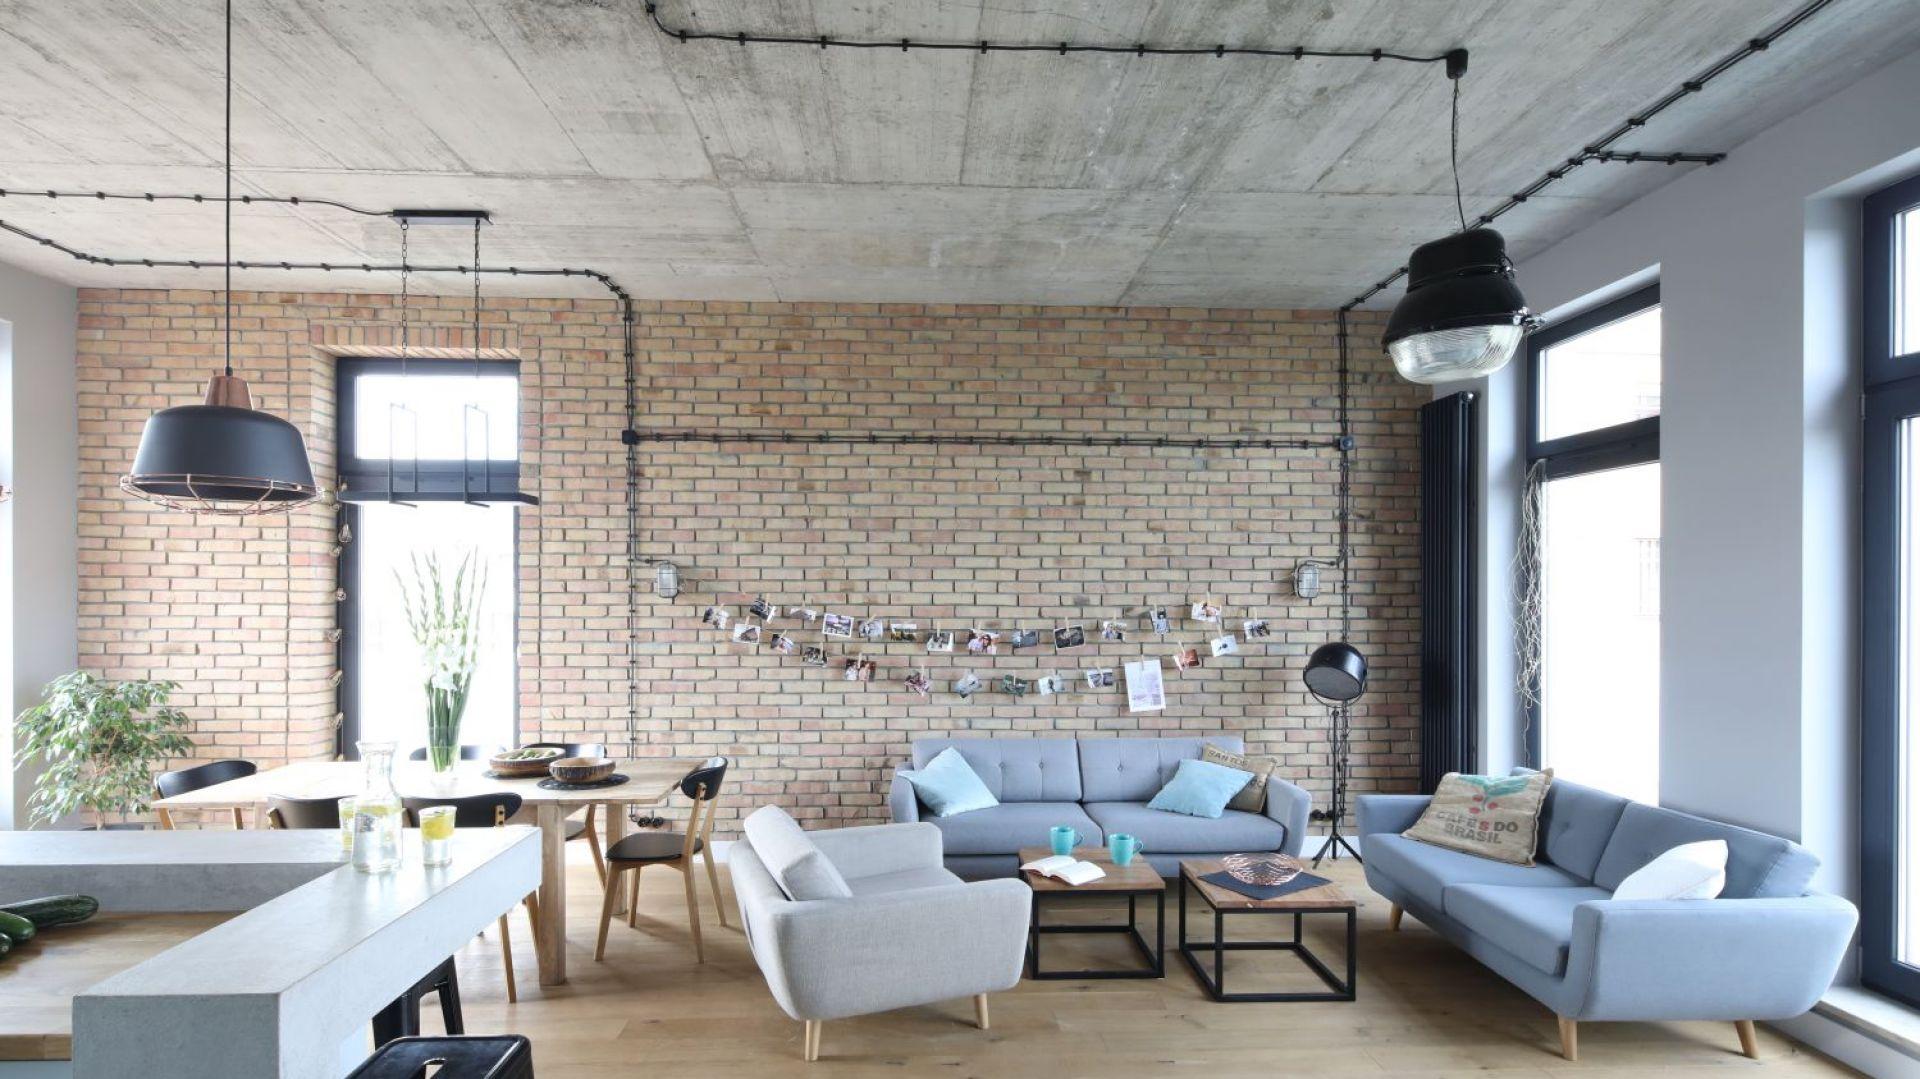 Autorka projektu podkreśliła industrialny sznyt wnętrza pozostawiając nieotynkowane betonowe ściany. Projekt: Maciejka Peszyńska-Drews. Fot. Bartosz Jarosz